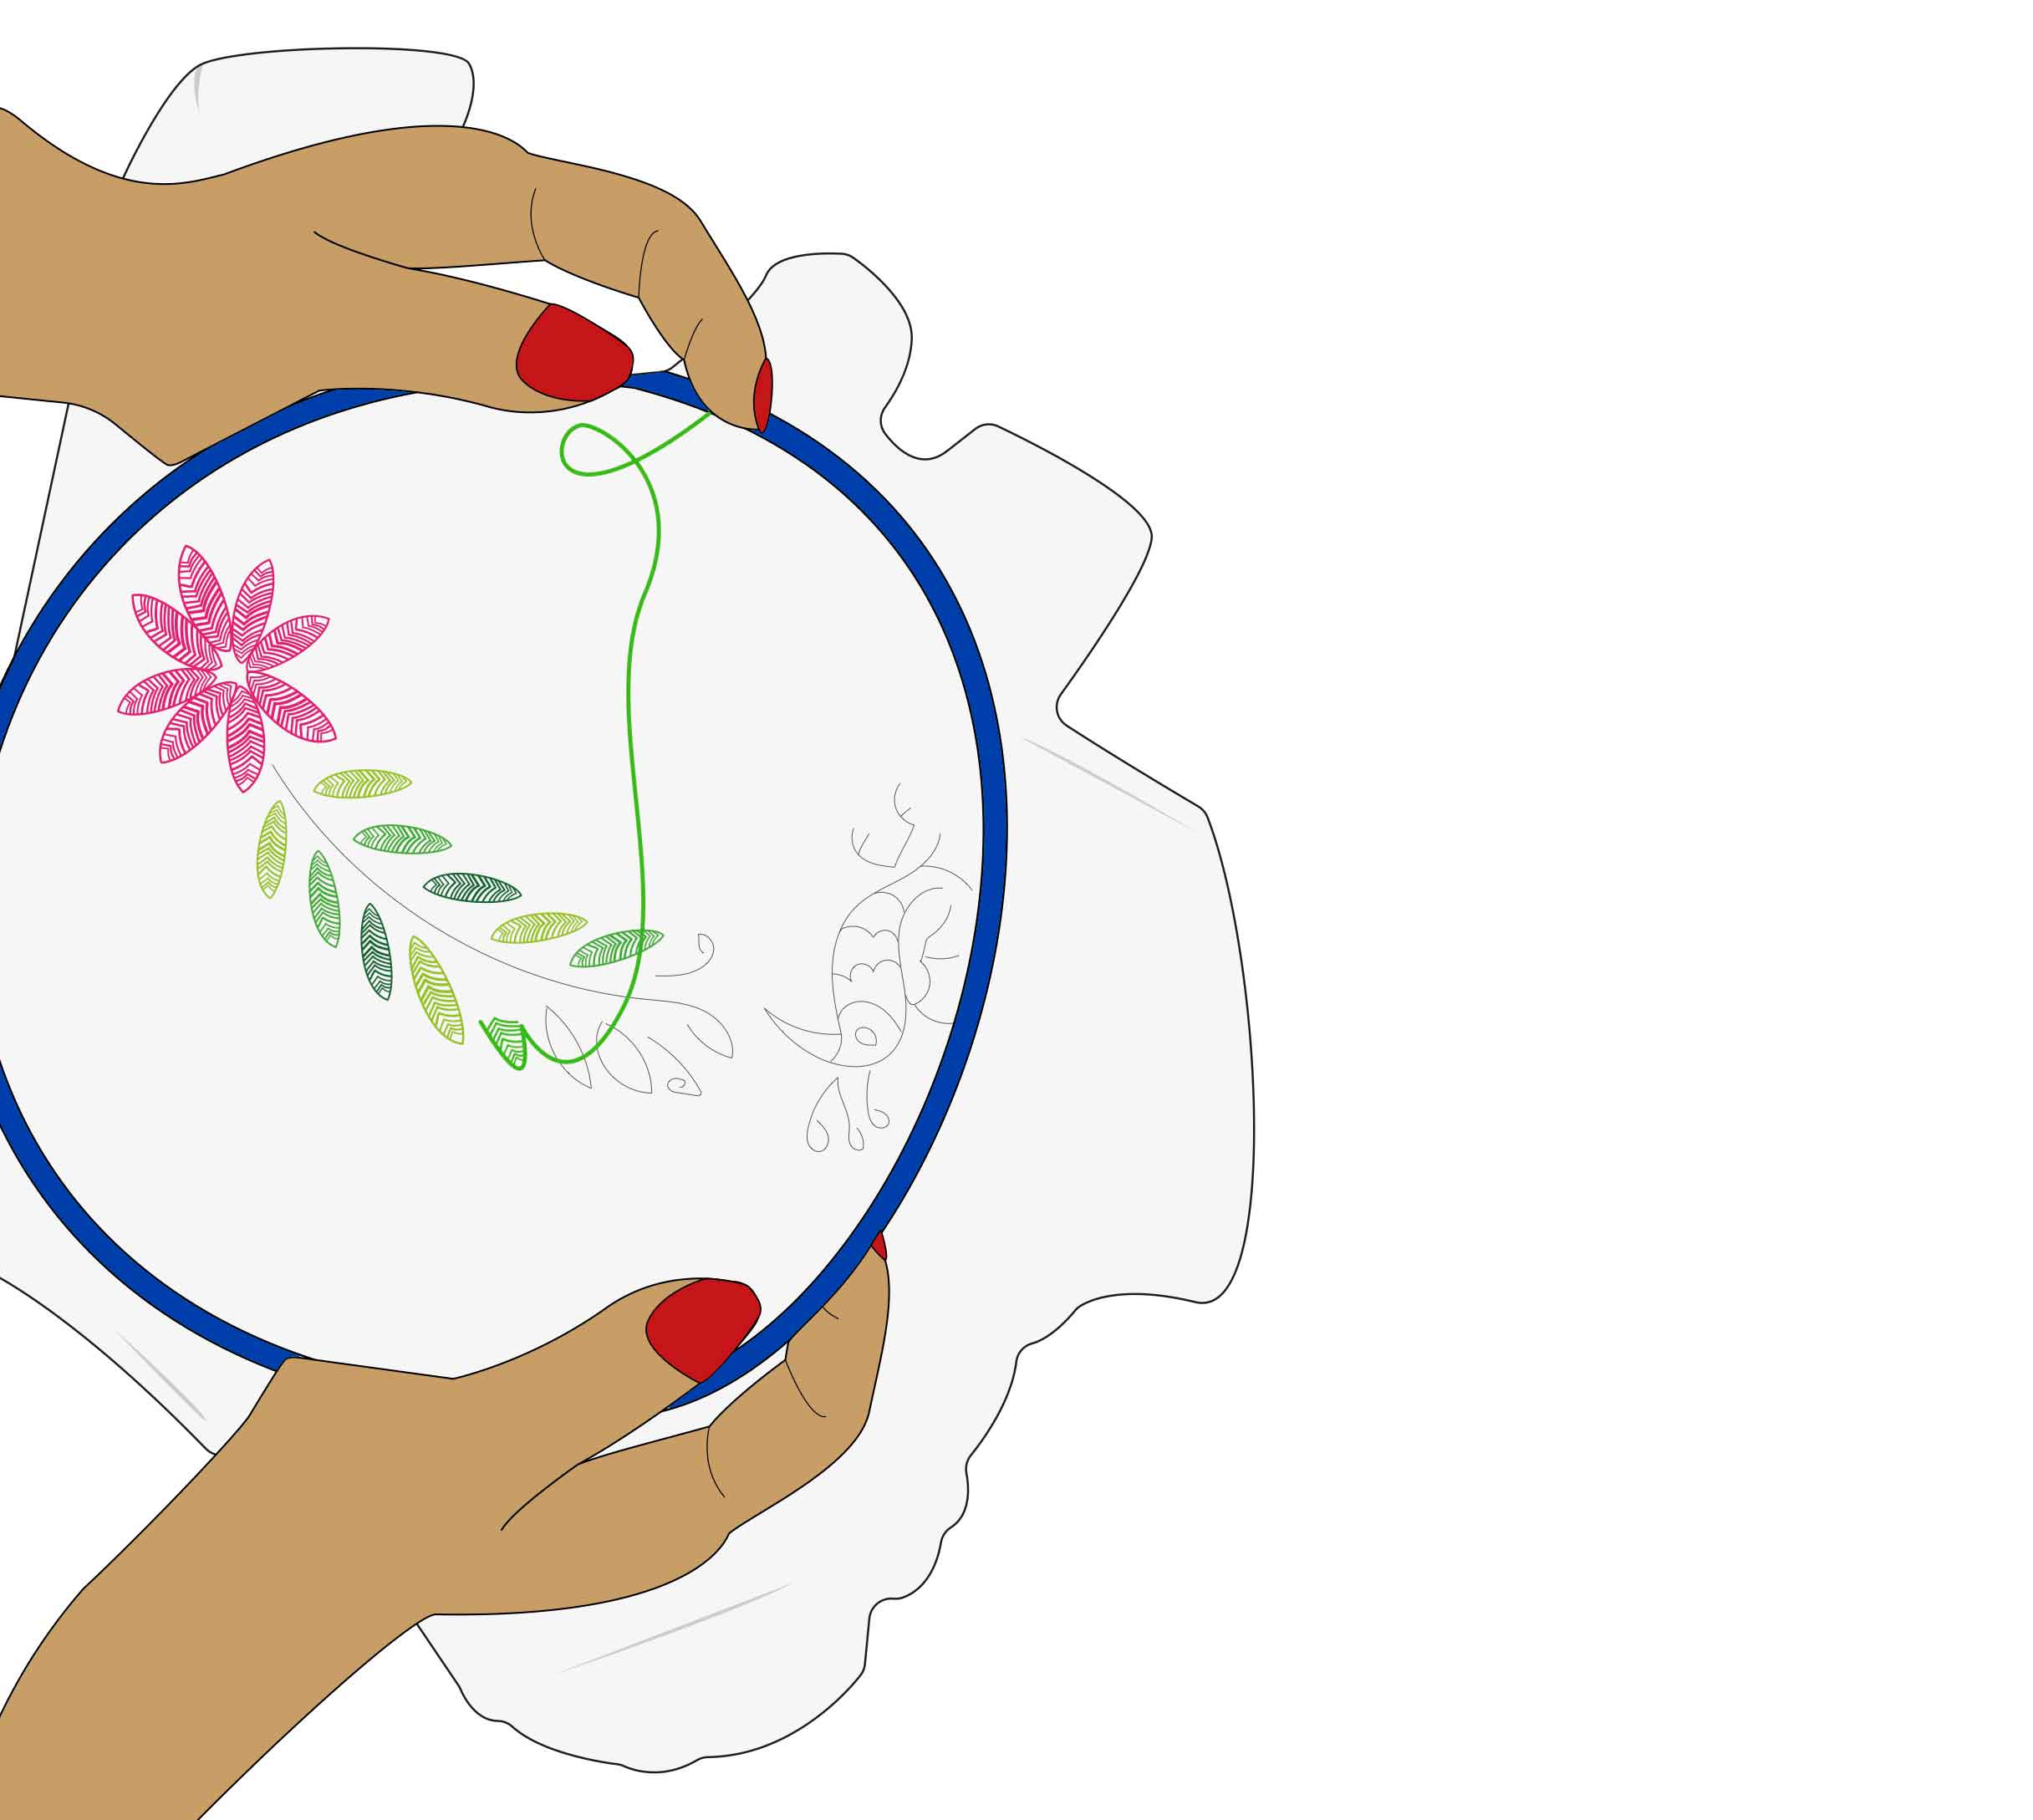 dessin broderie fait main Leonor Roversi